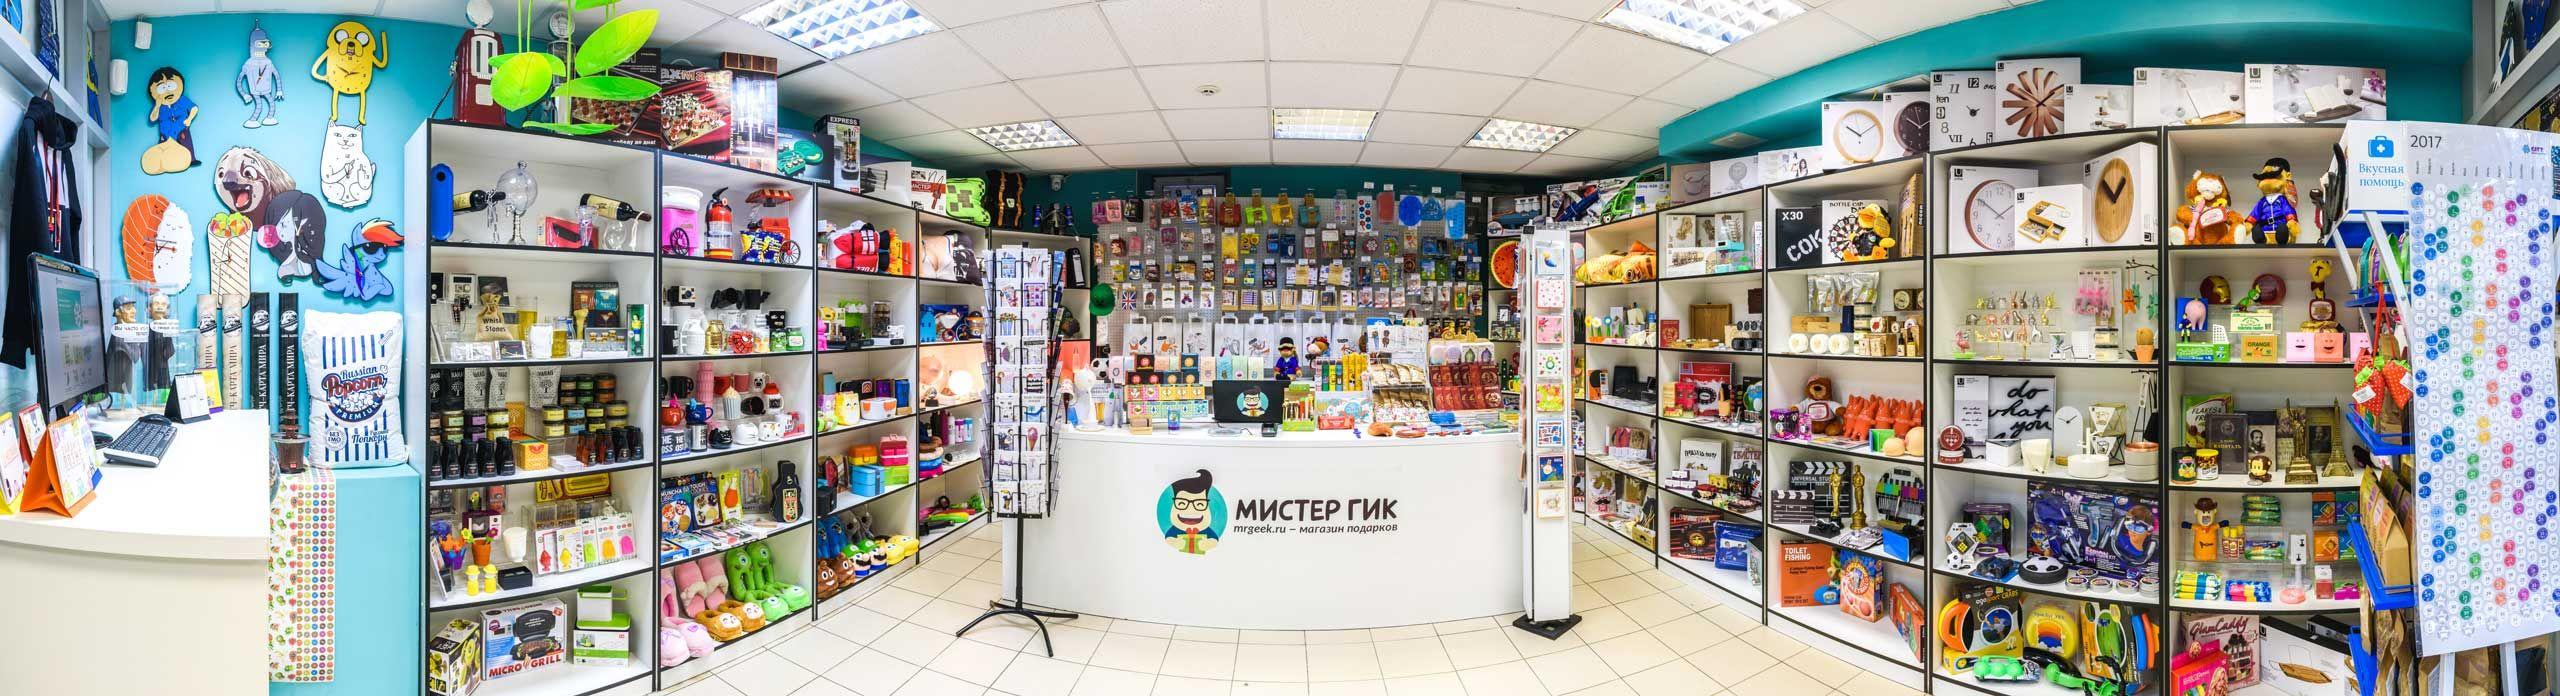 Магазин Мистер Гик в Москве (ст. м. Красносельская/Сокольники)